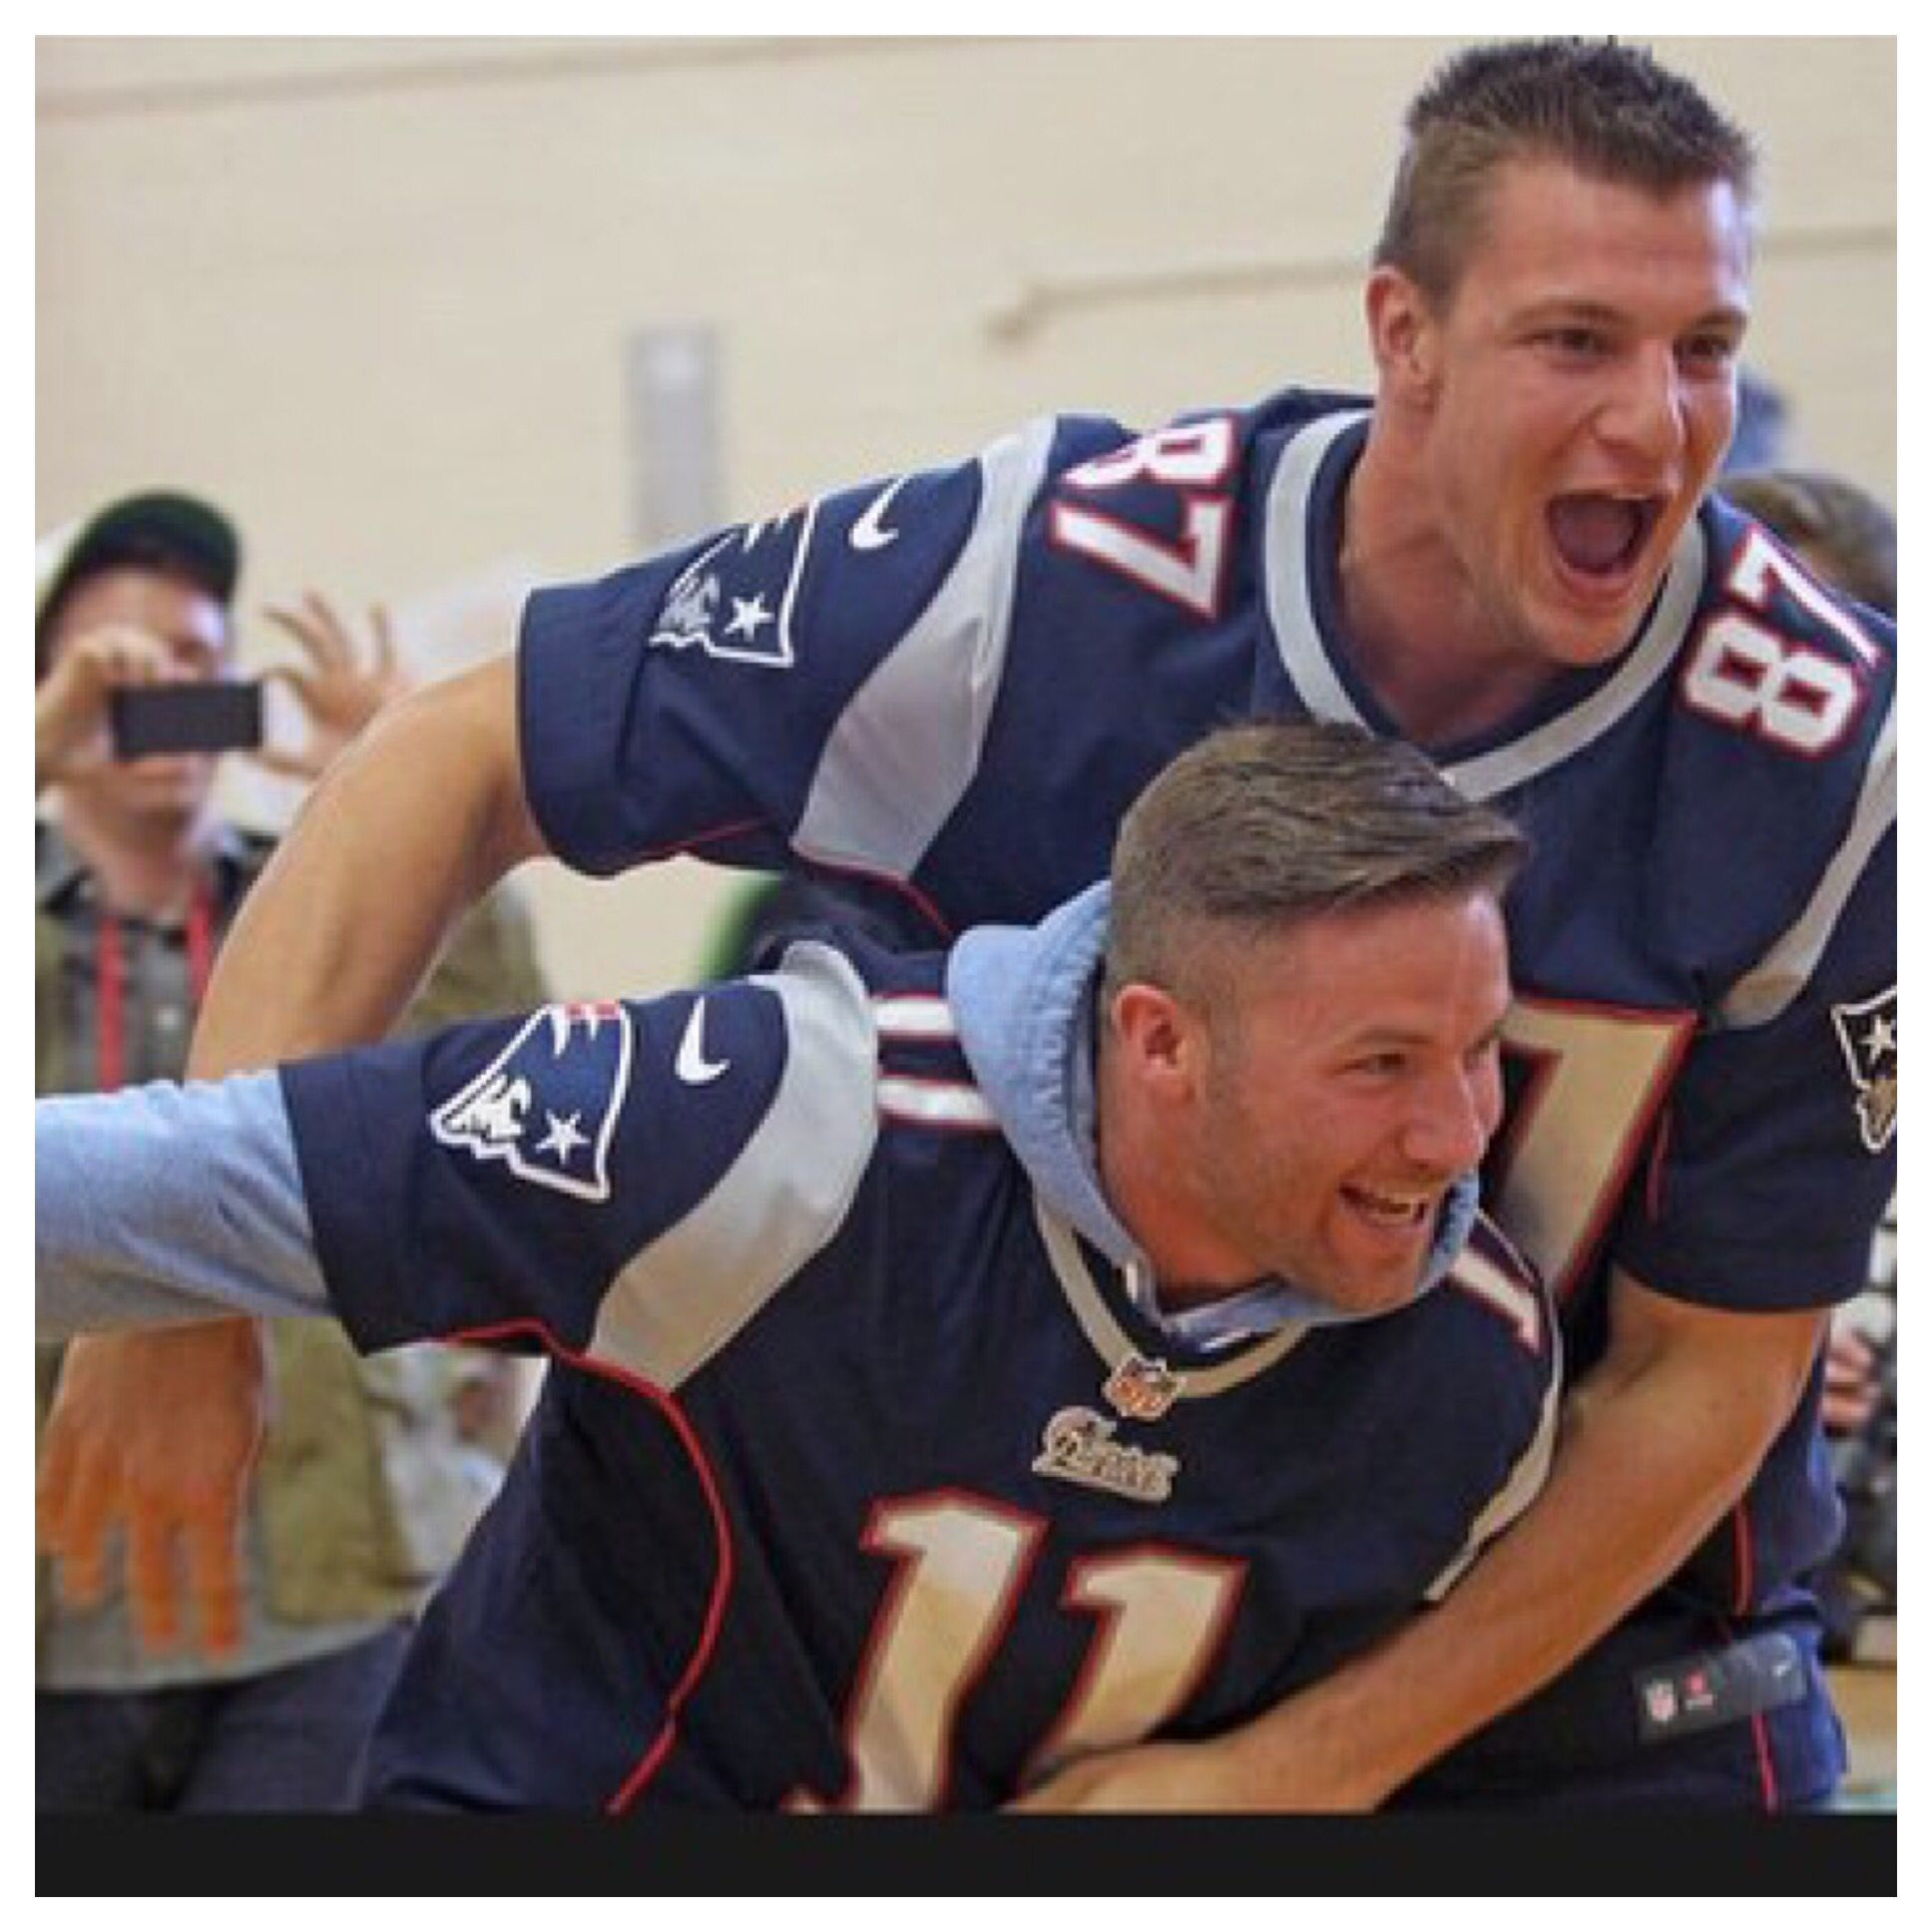 Rob Gronkowski Julian Edelman Patriots New England Patriots Football New England Patriots Julian Edelman